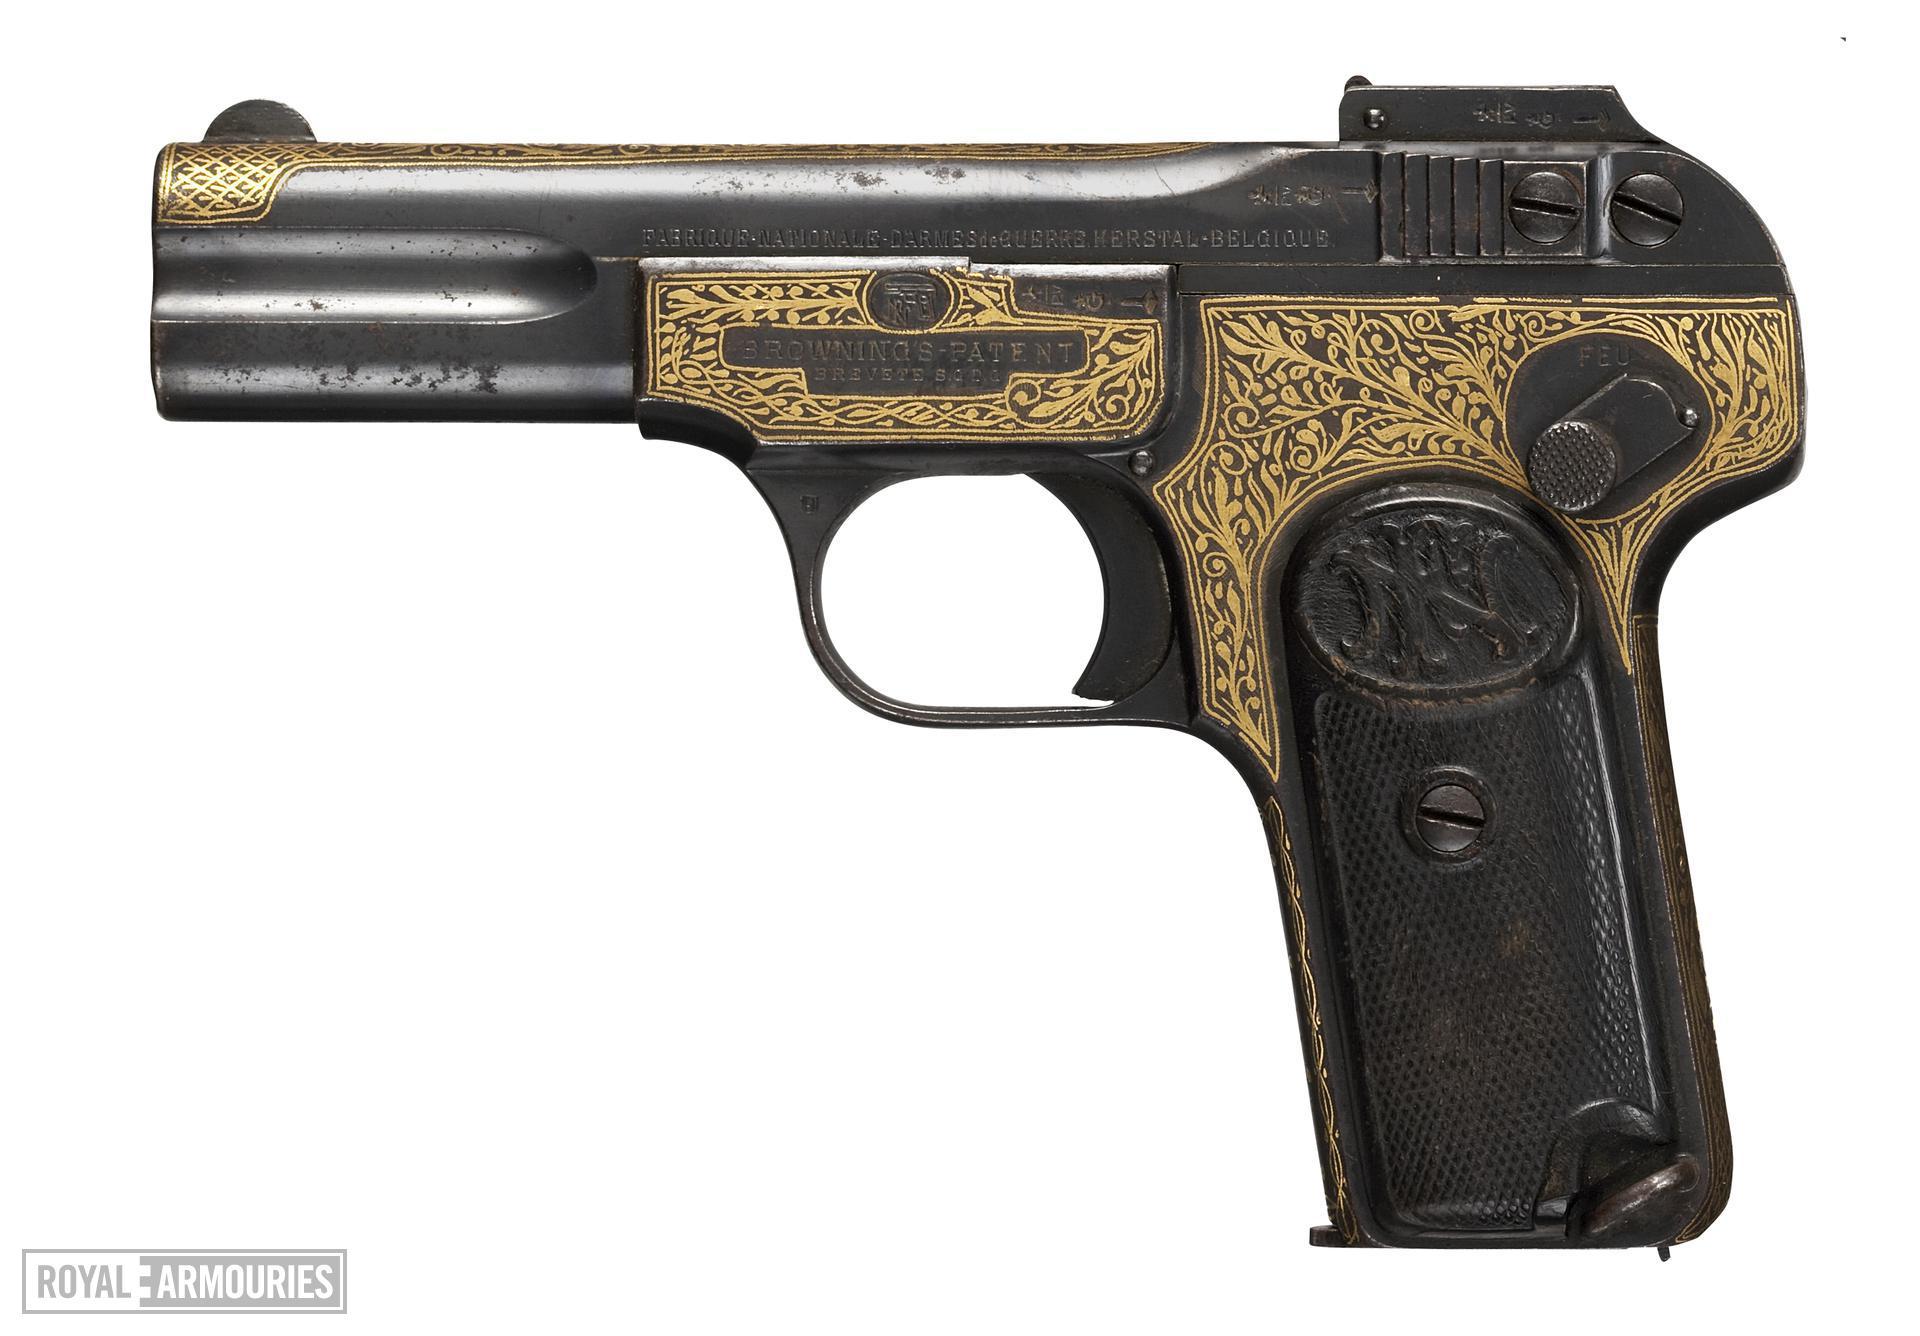 Centrefire self-loading pistol - FN Browning Model 1900